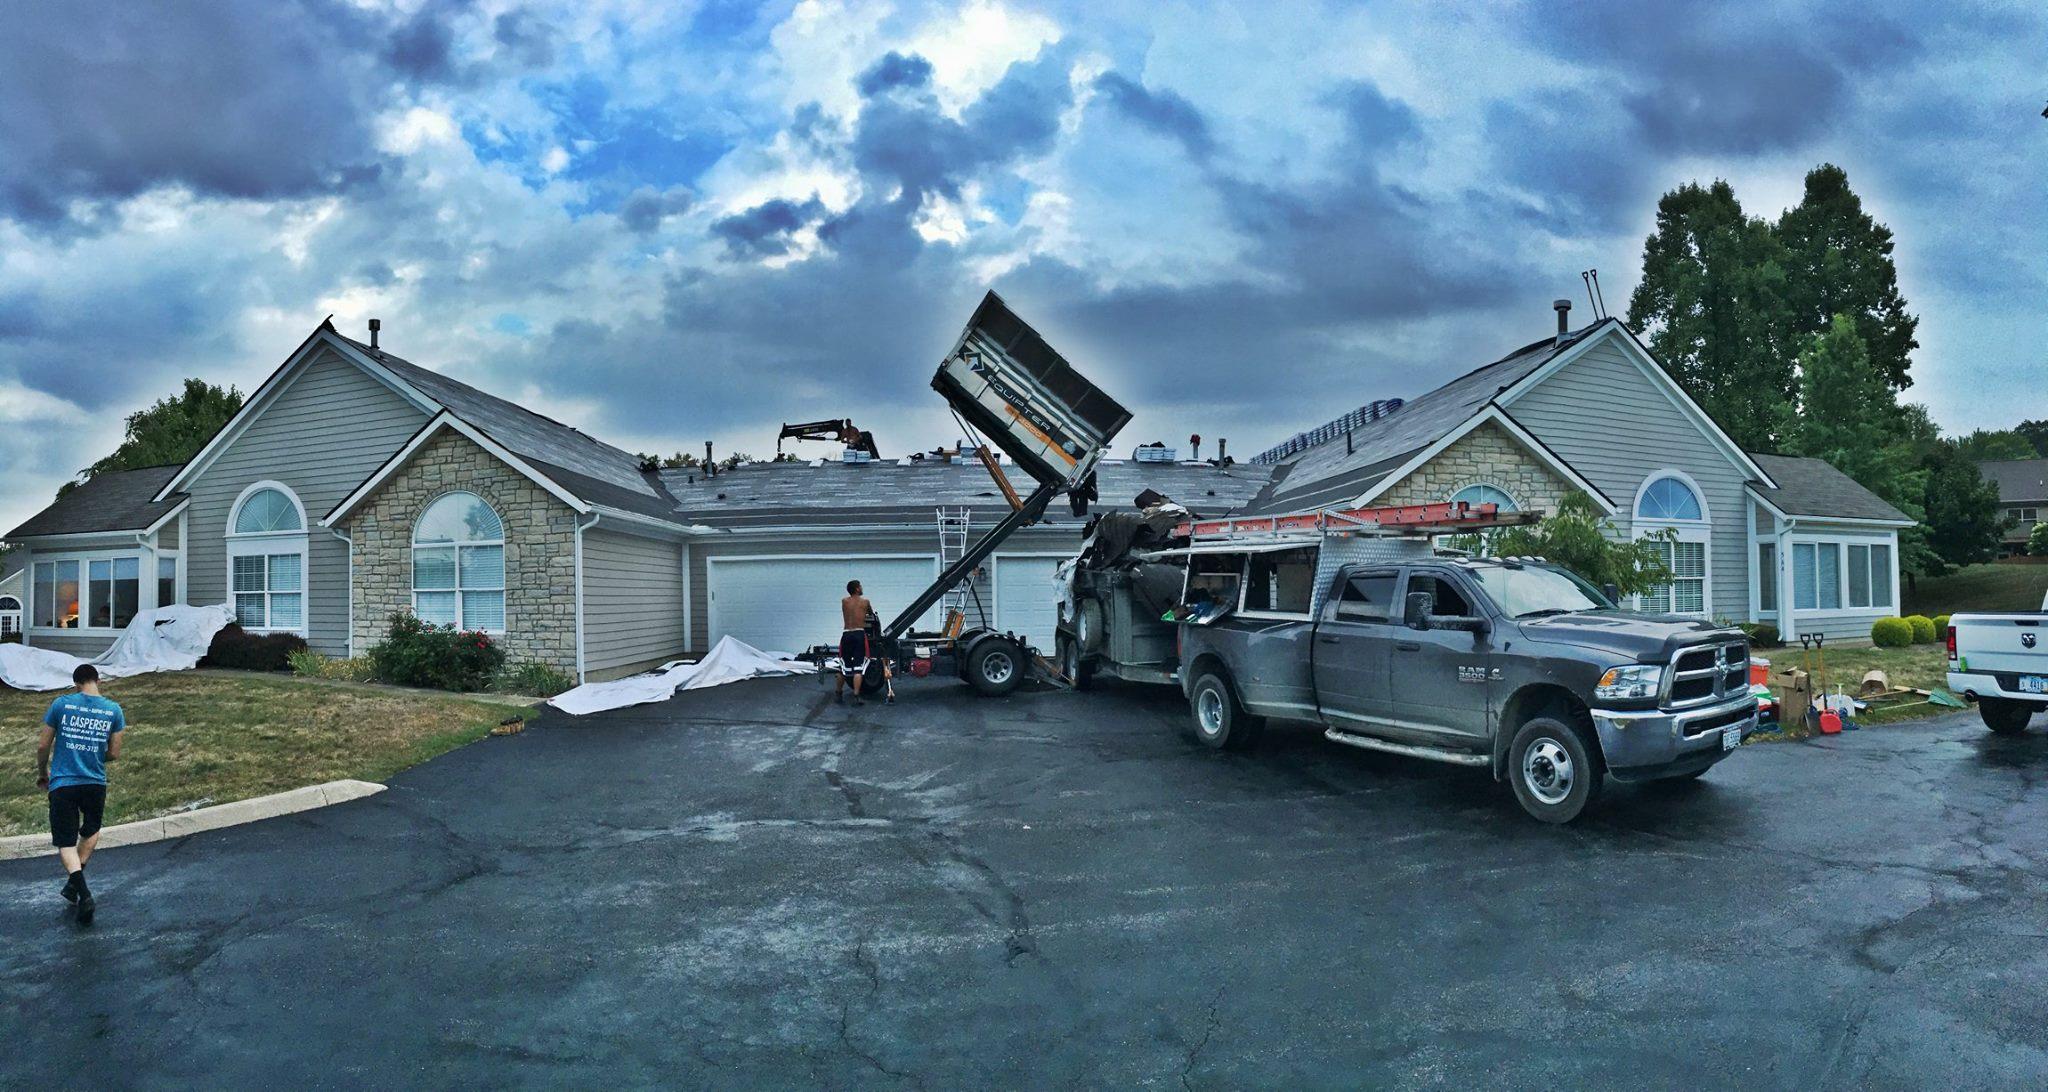 Villas at Chapel Hill Condominium Complex - Commercial Roofing Project